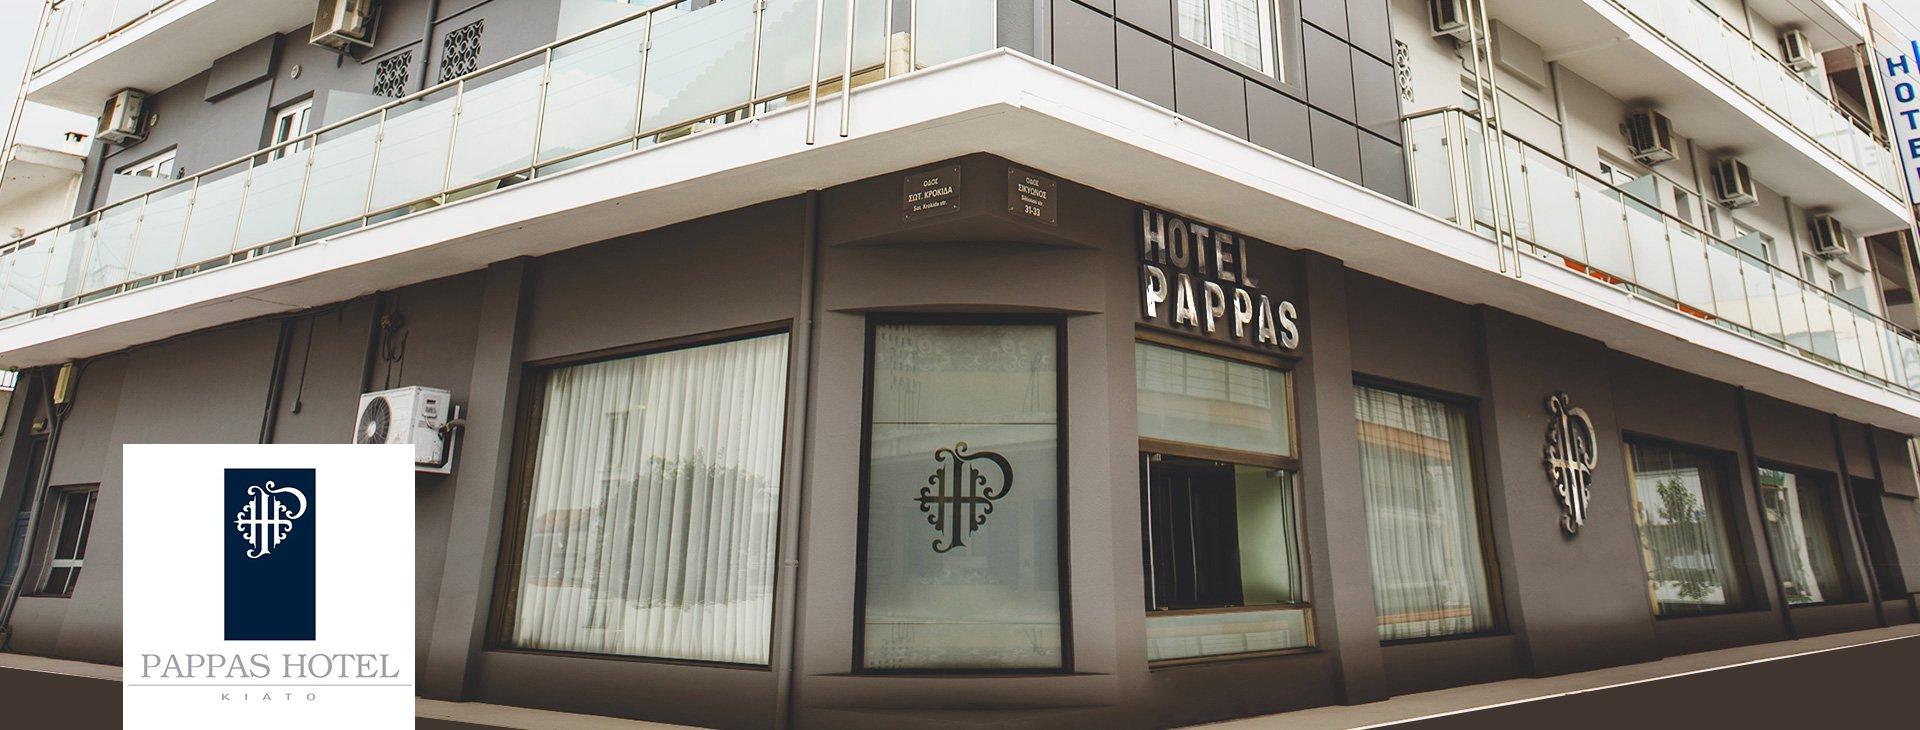 Hotel Pappas slide 1